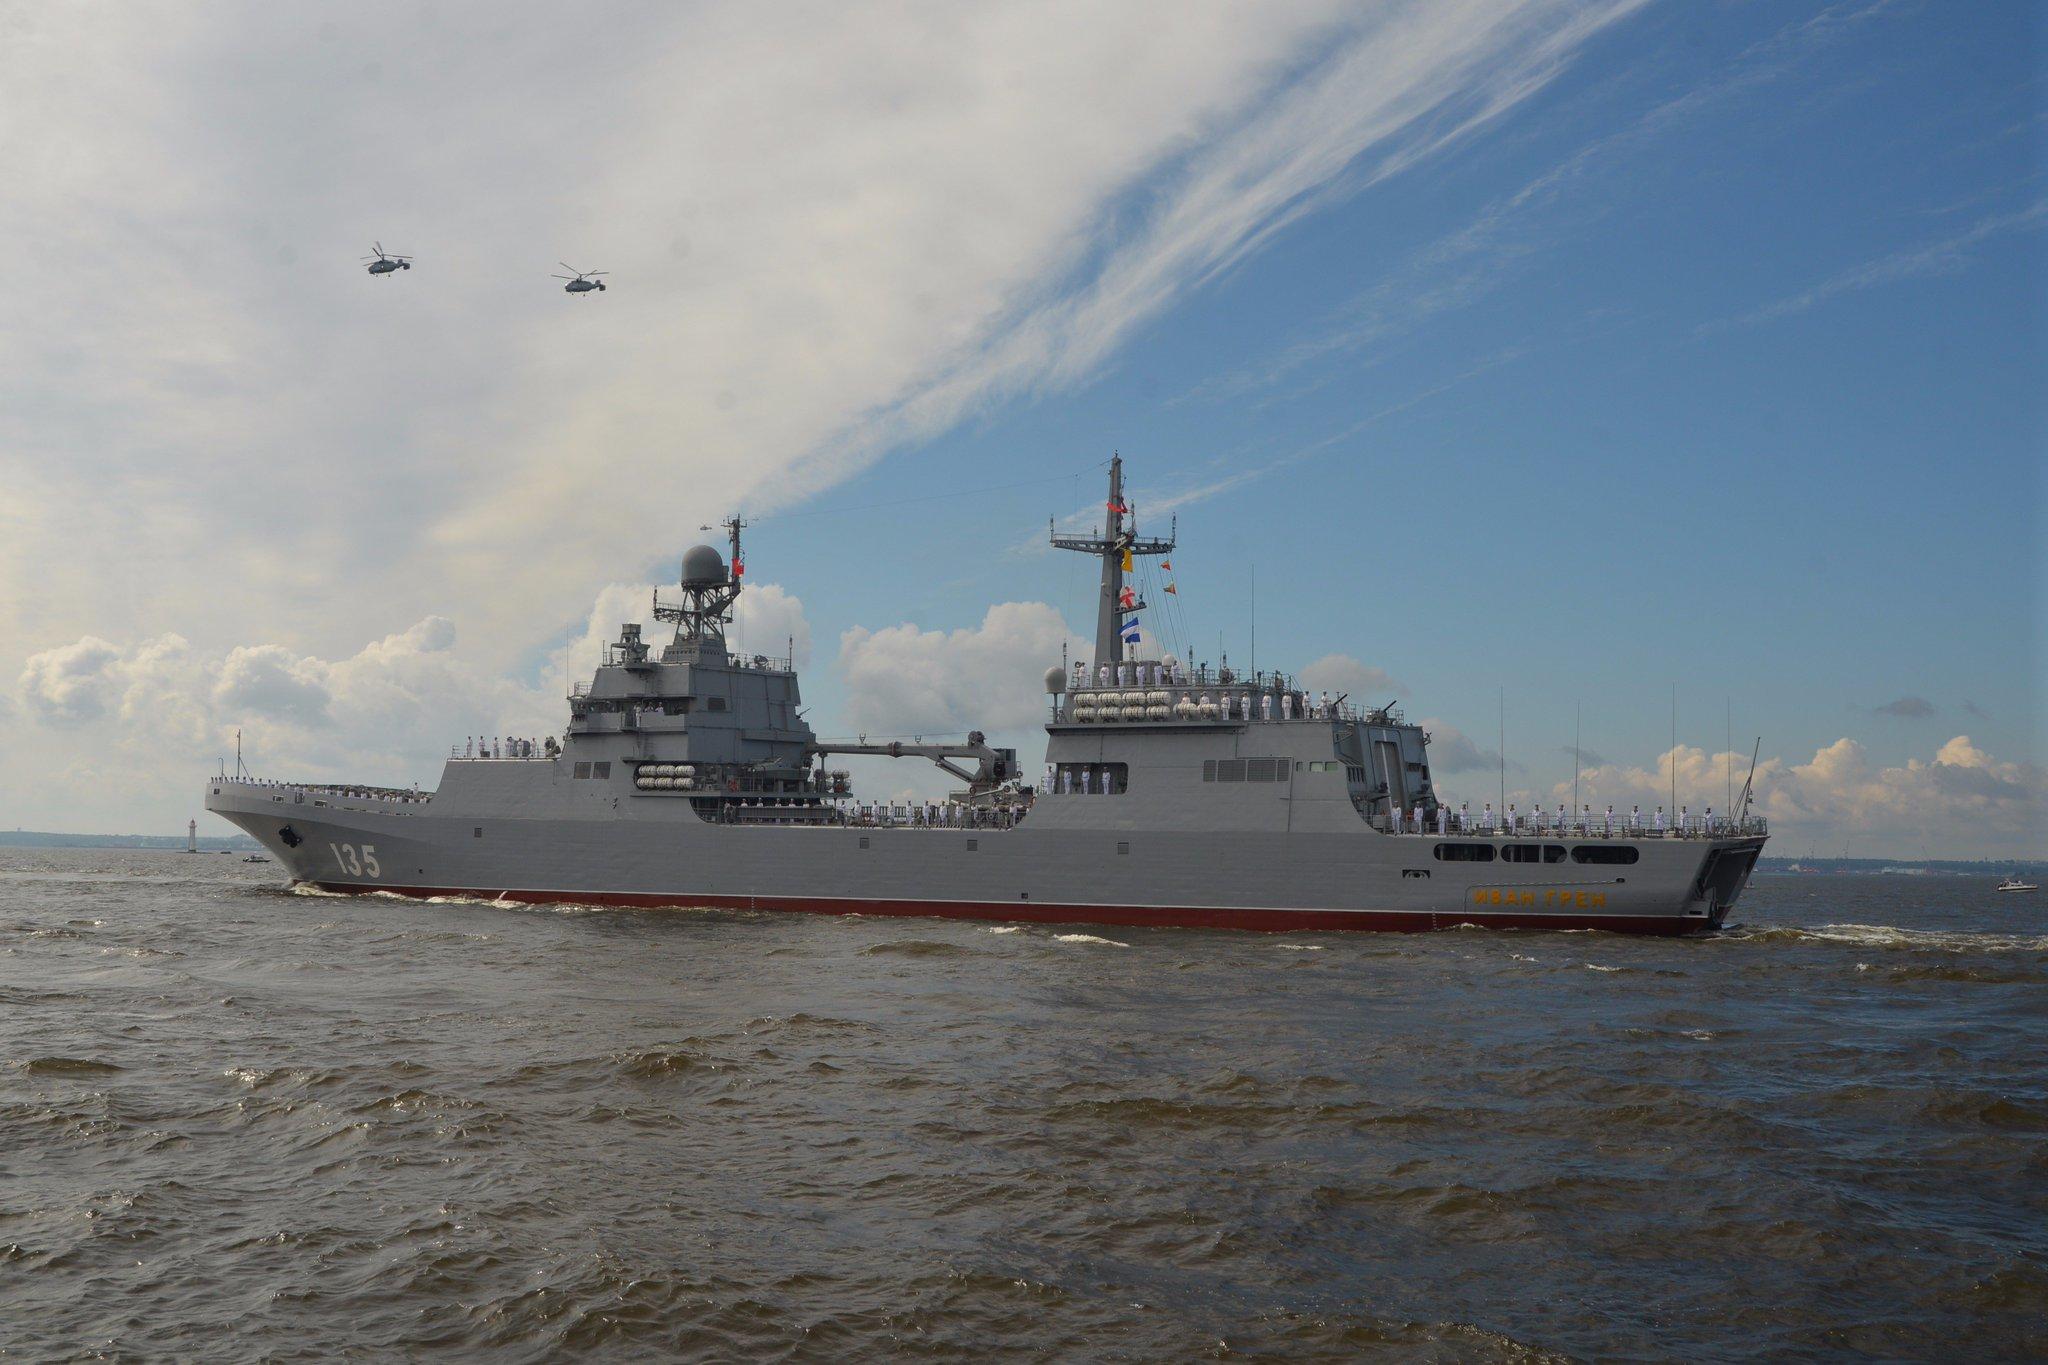 Фото нового корабля иван грен